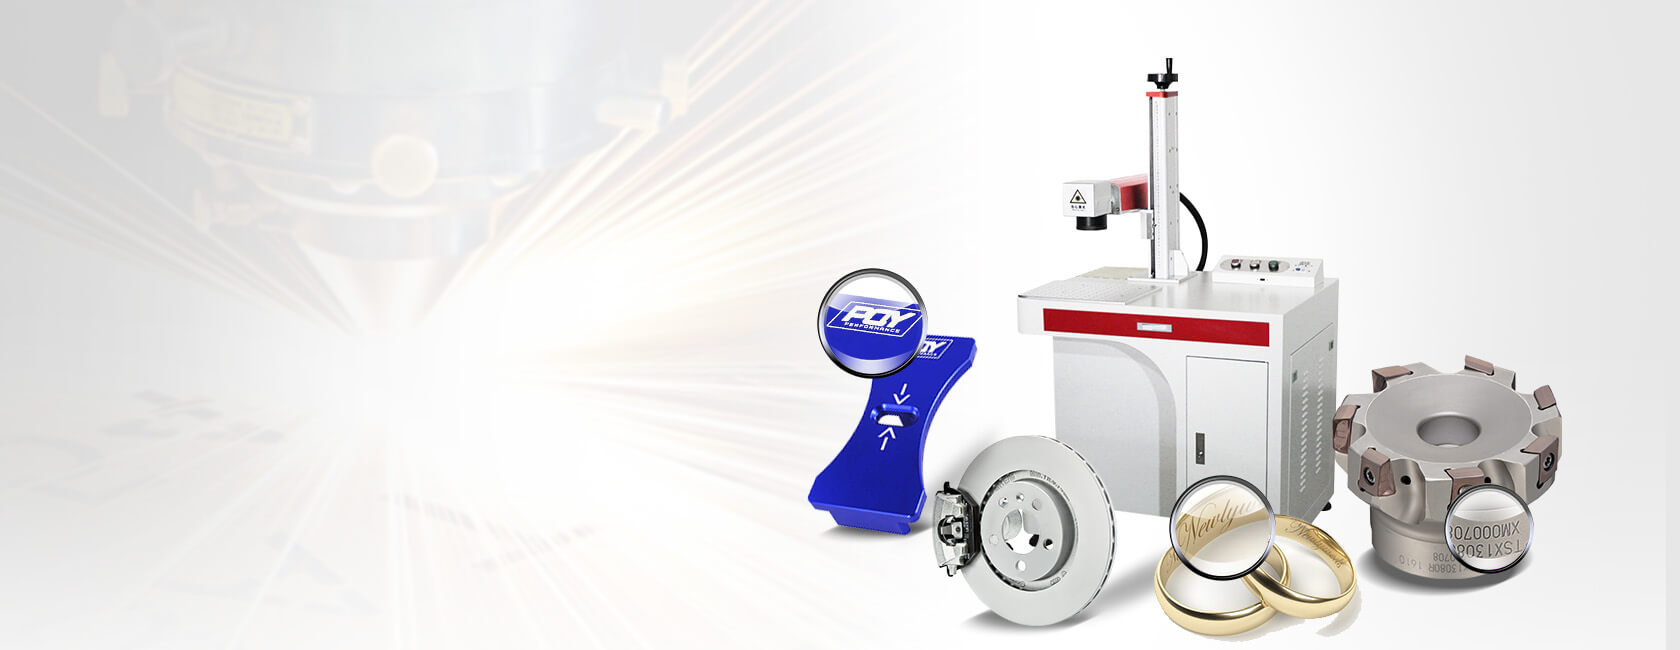 Laser Engraving System Manufacturer